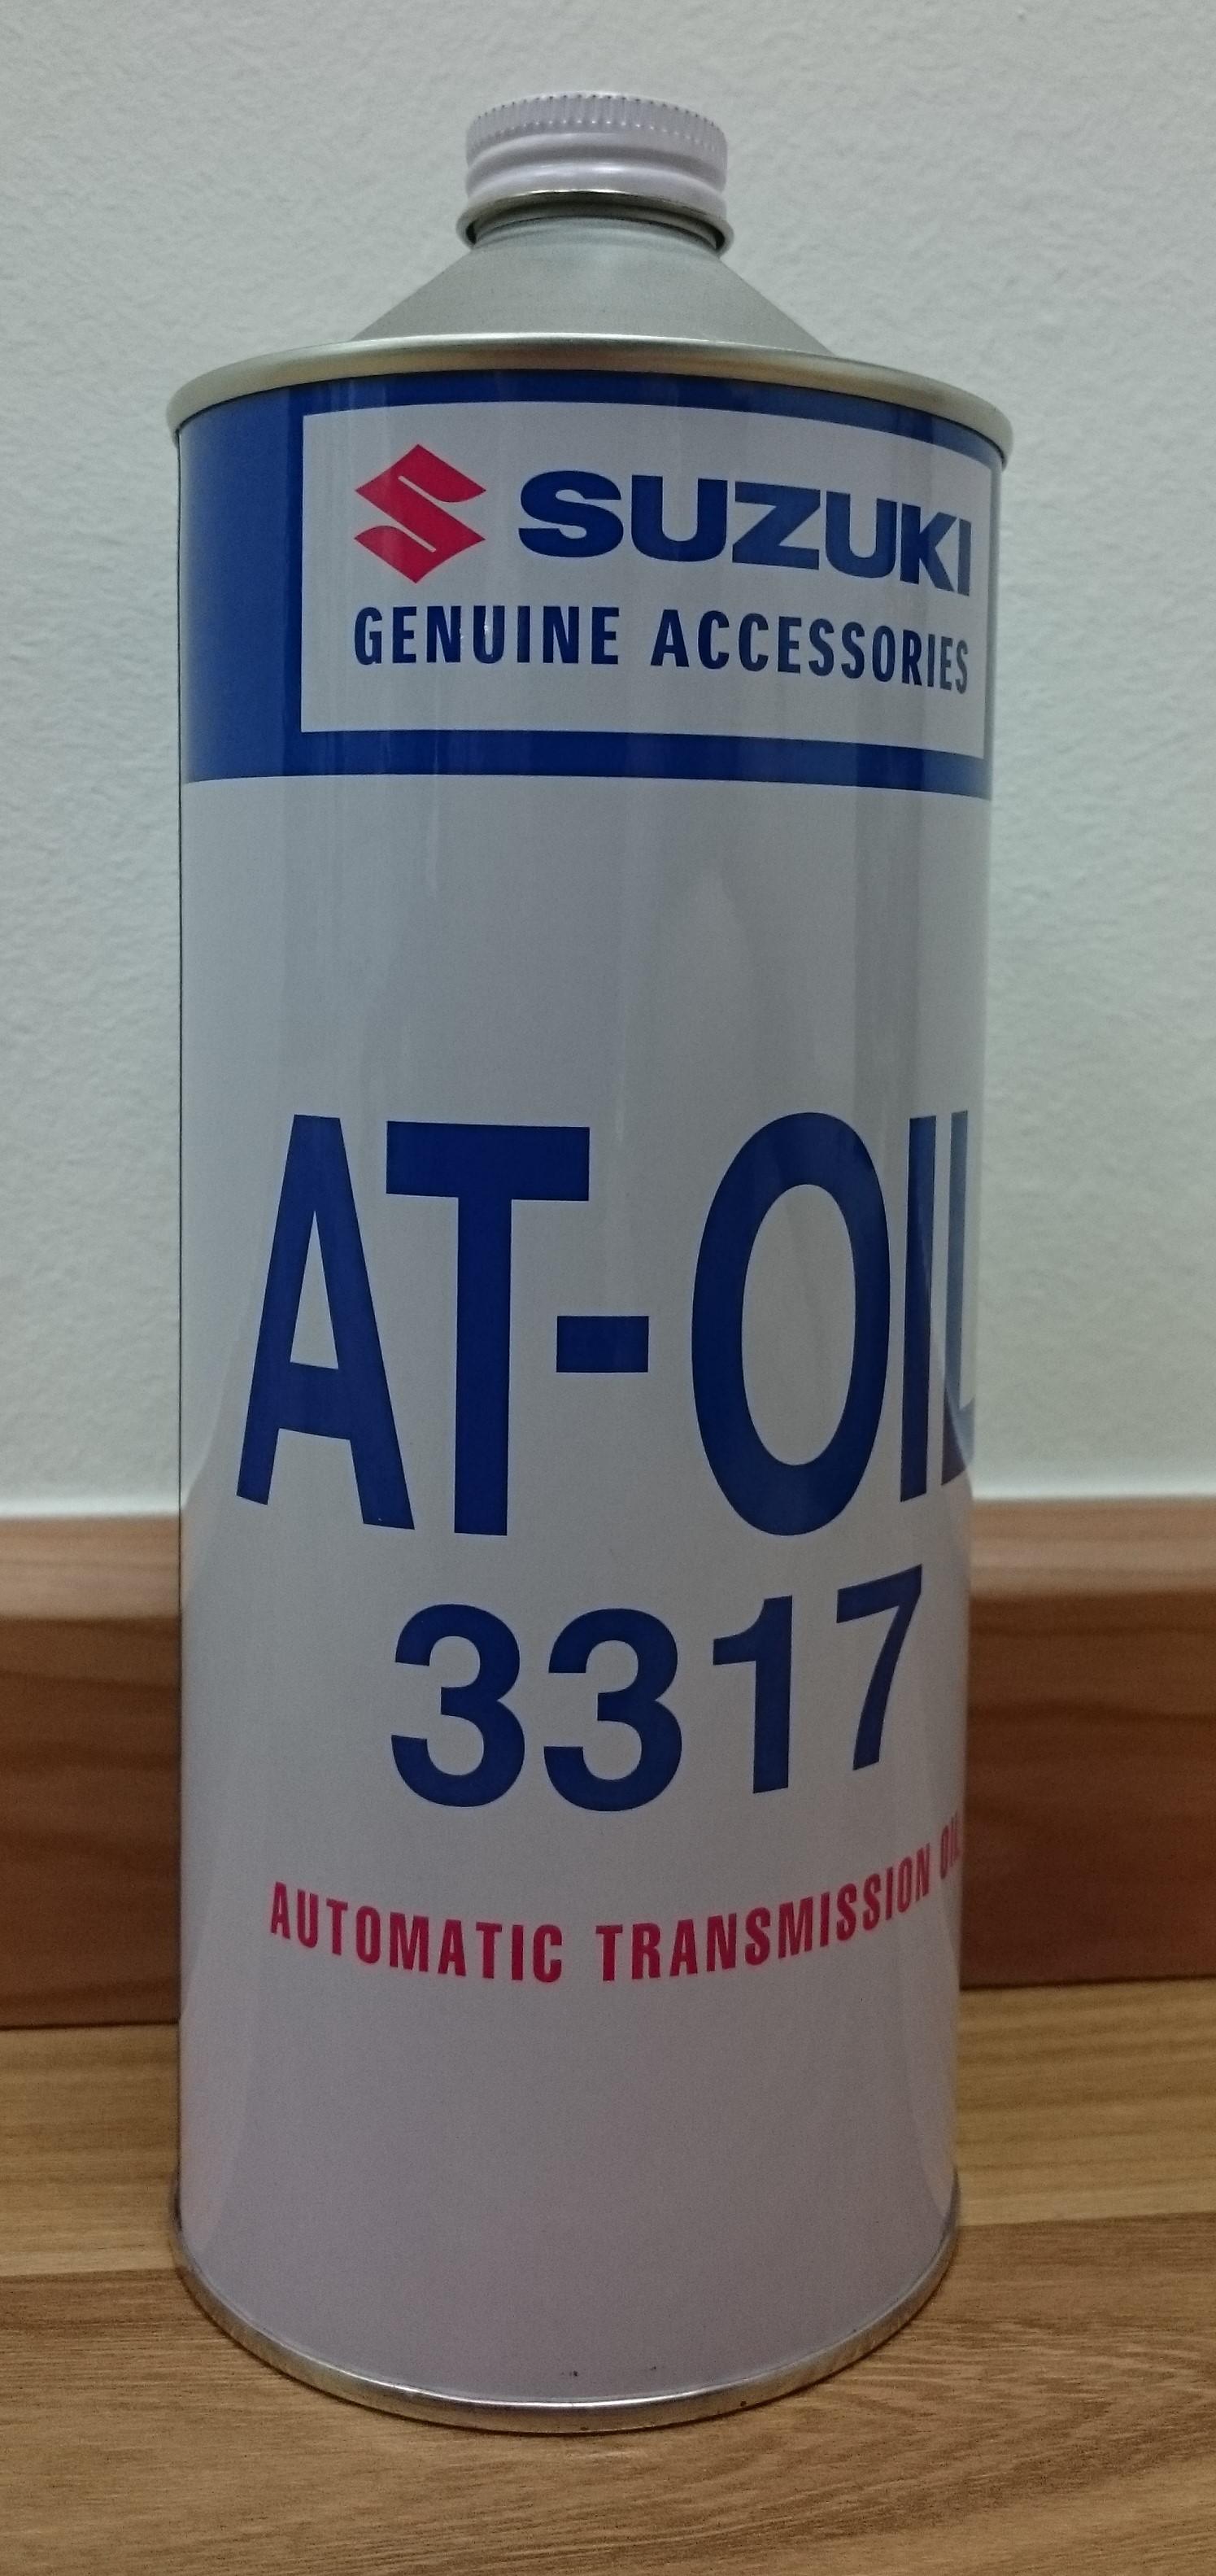 SUZUKI AT-OIL 3317 / AUTO TRANSMISSION FLUID ~ 1L PACK ...